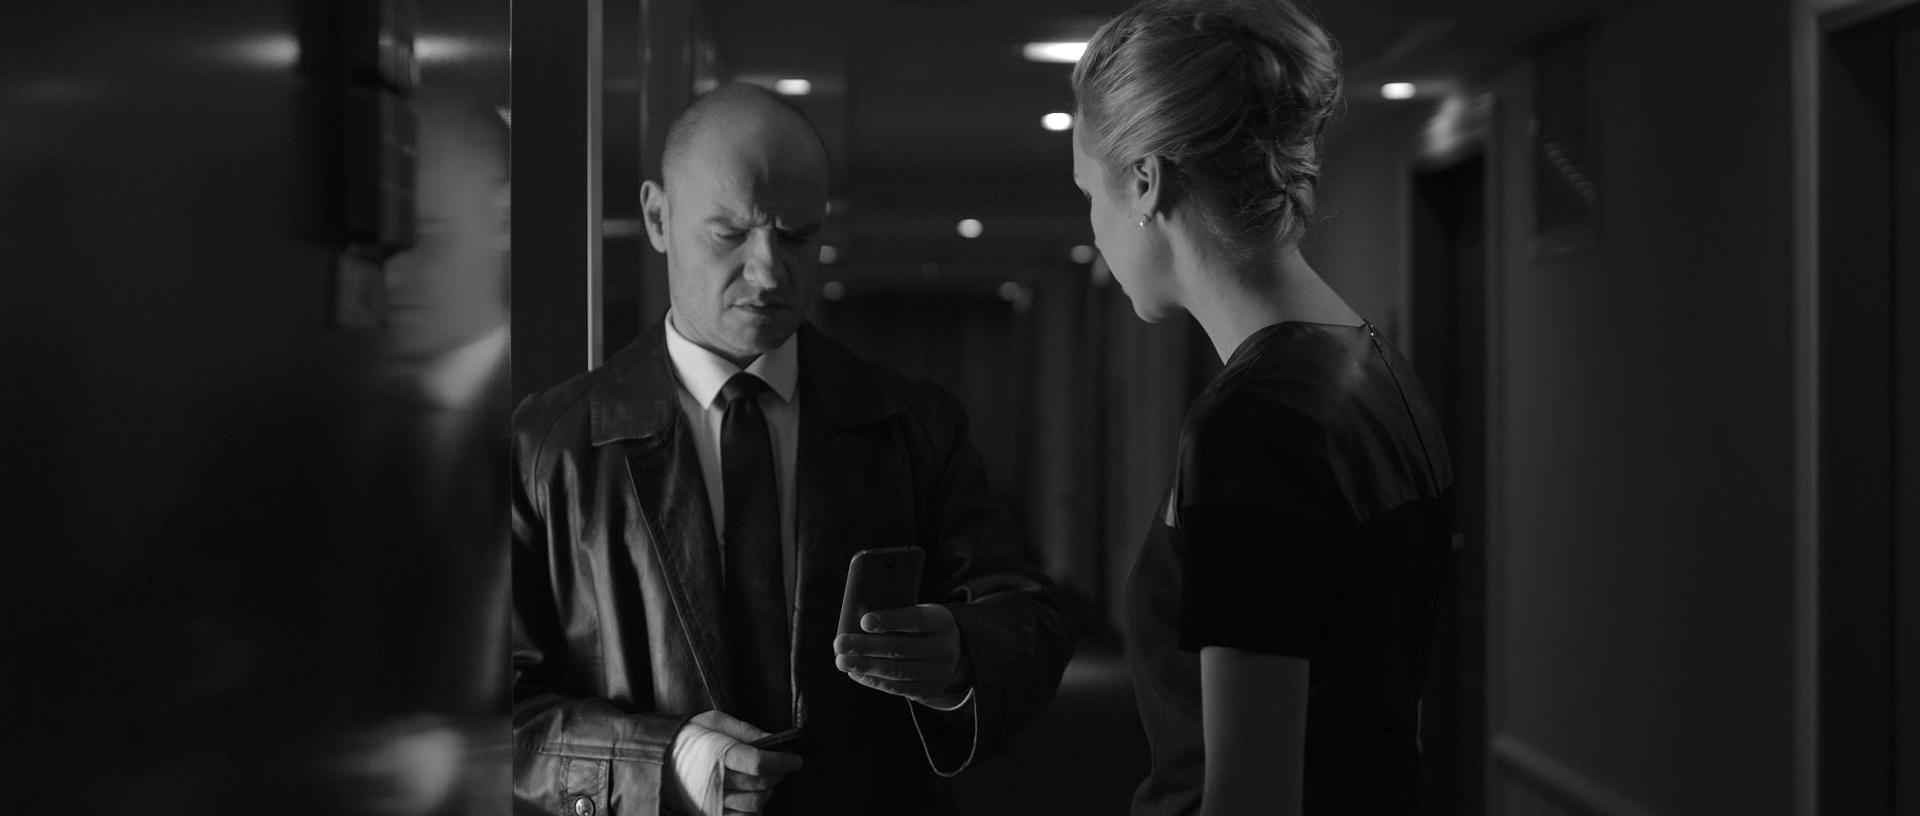 kadr z filmu Paranoia - Mielcarz i Klynstra